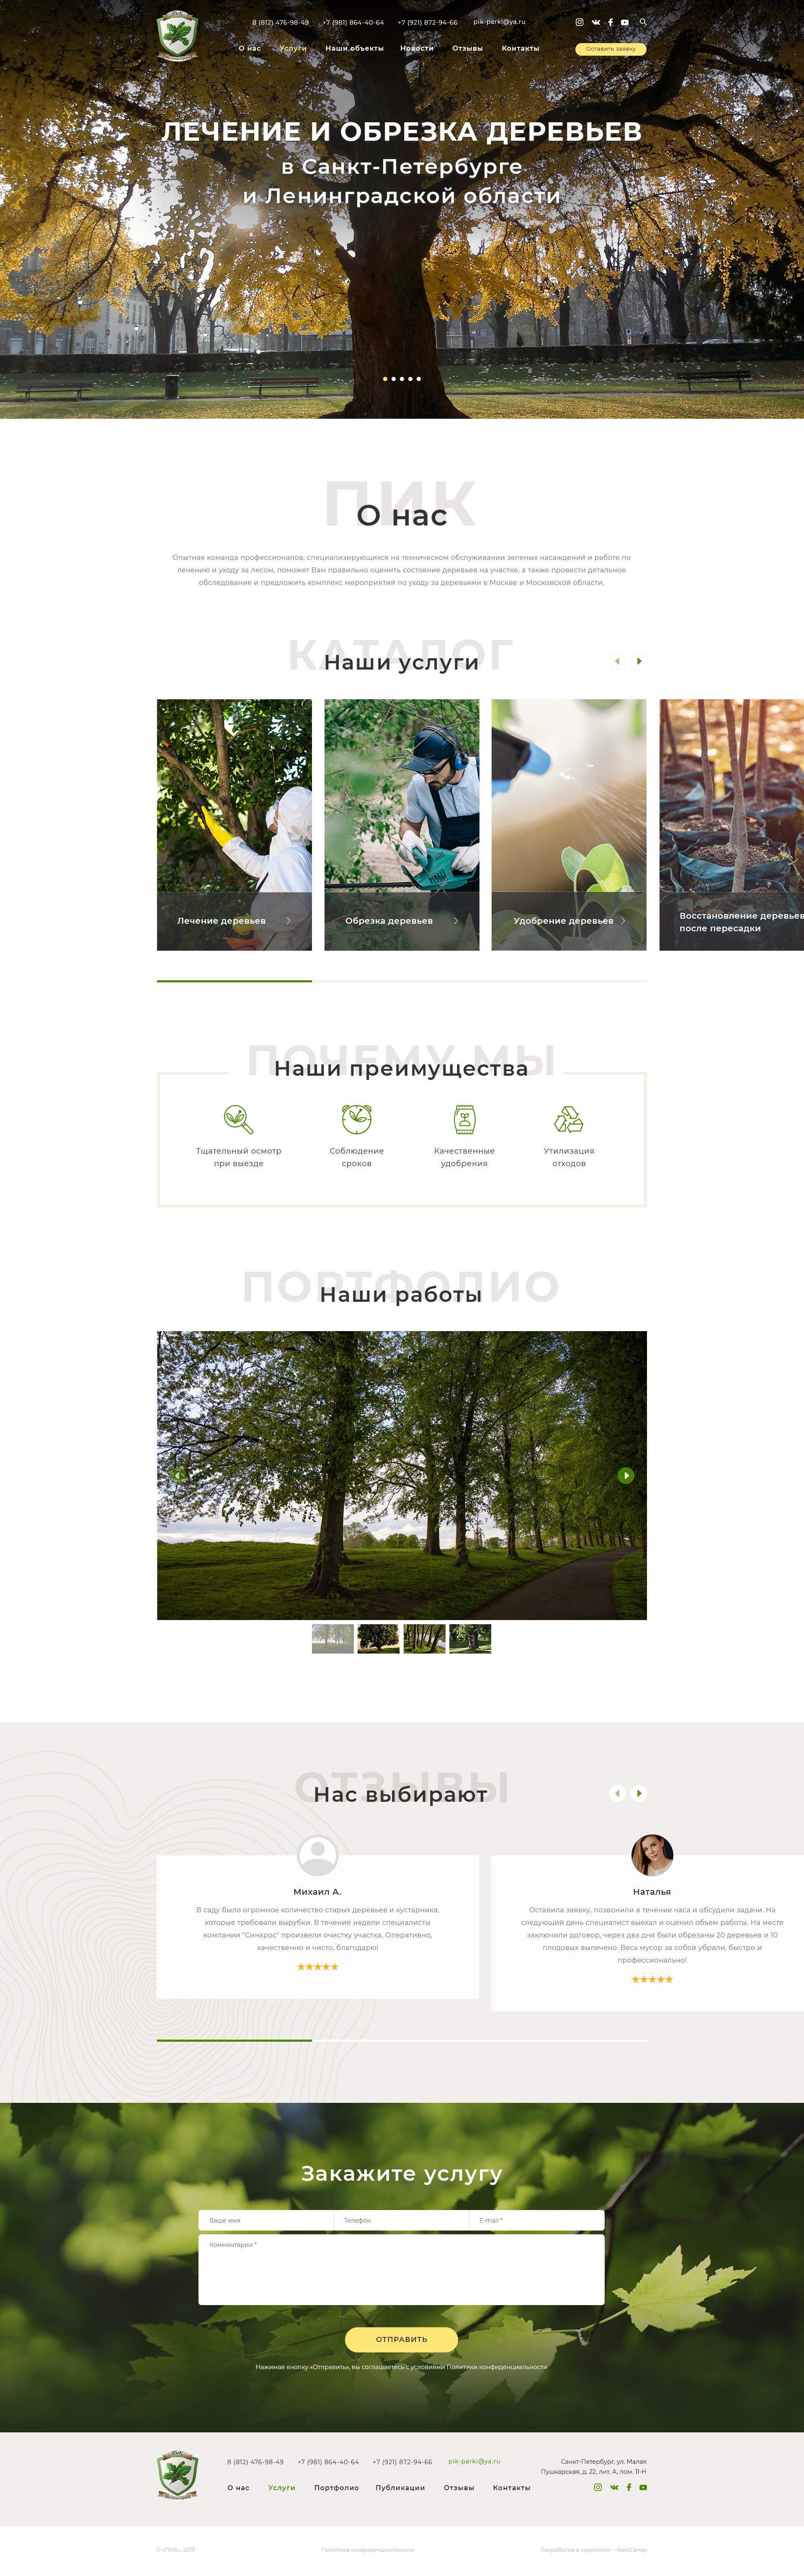 Разработка сайта для ландшафтного дизайнера